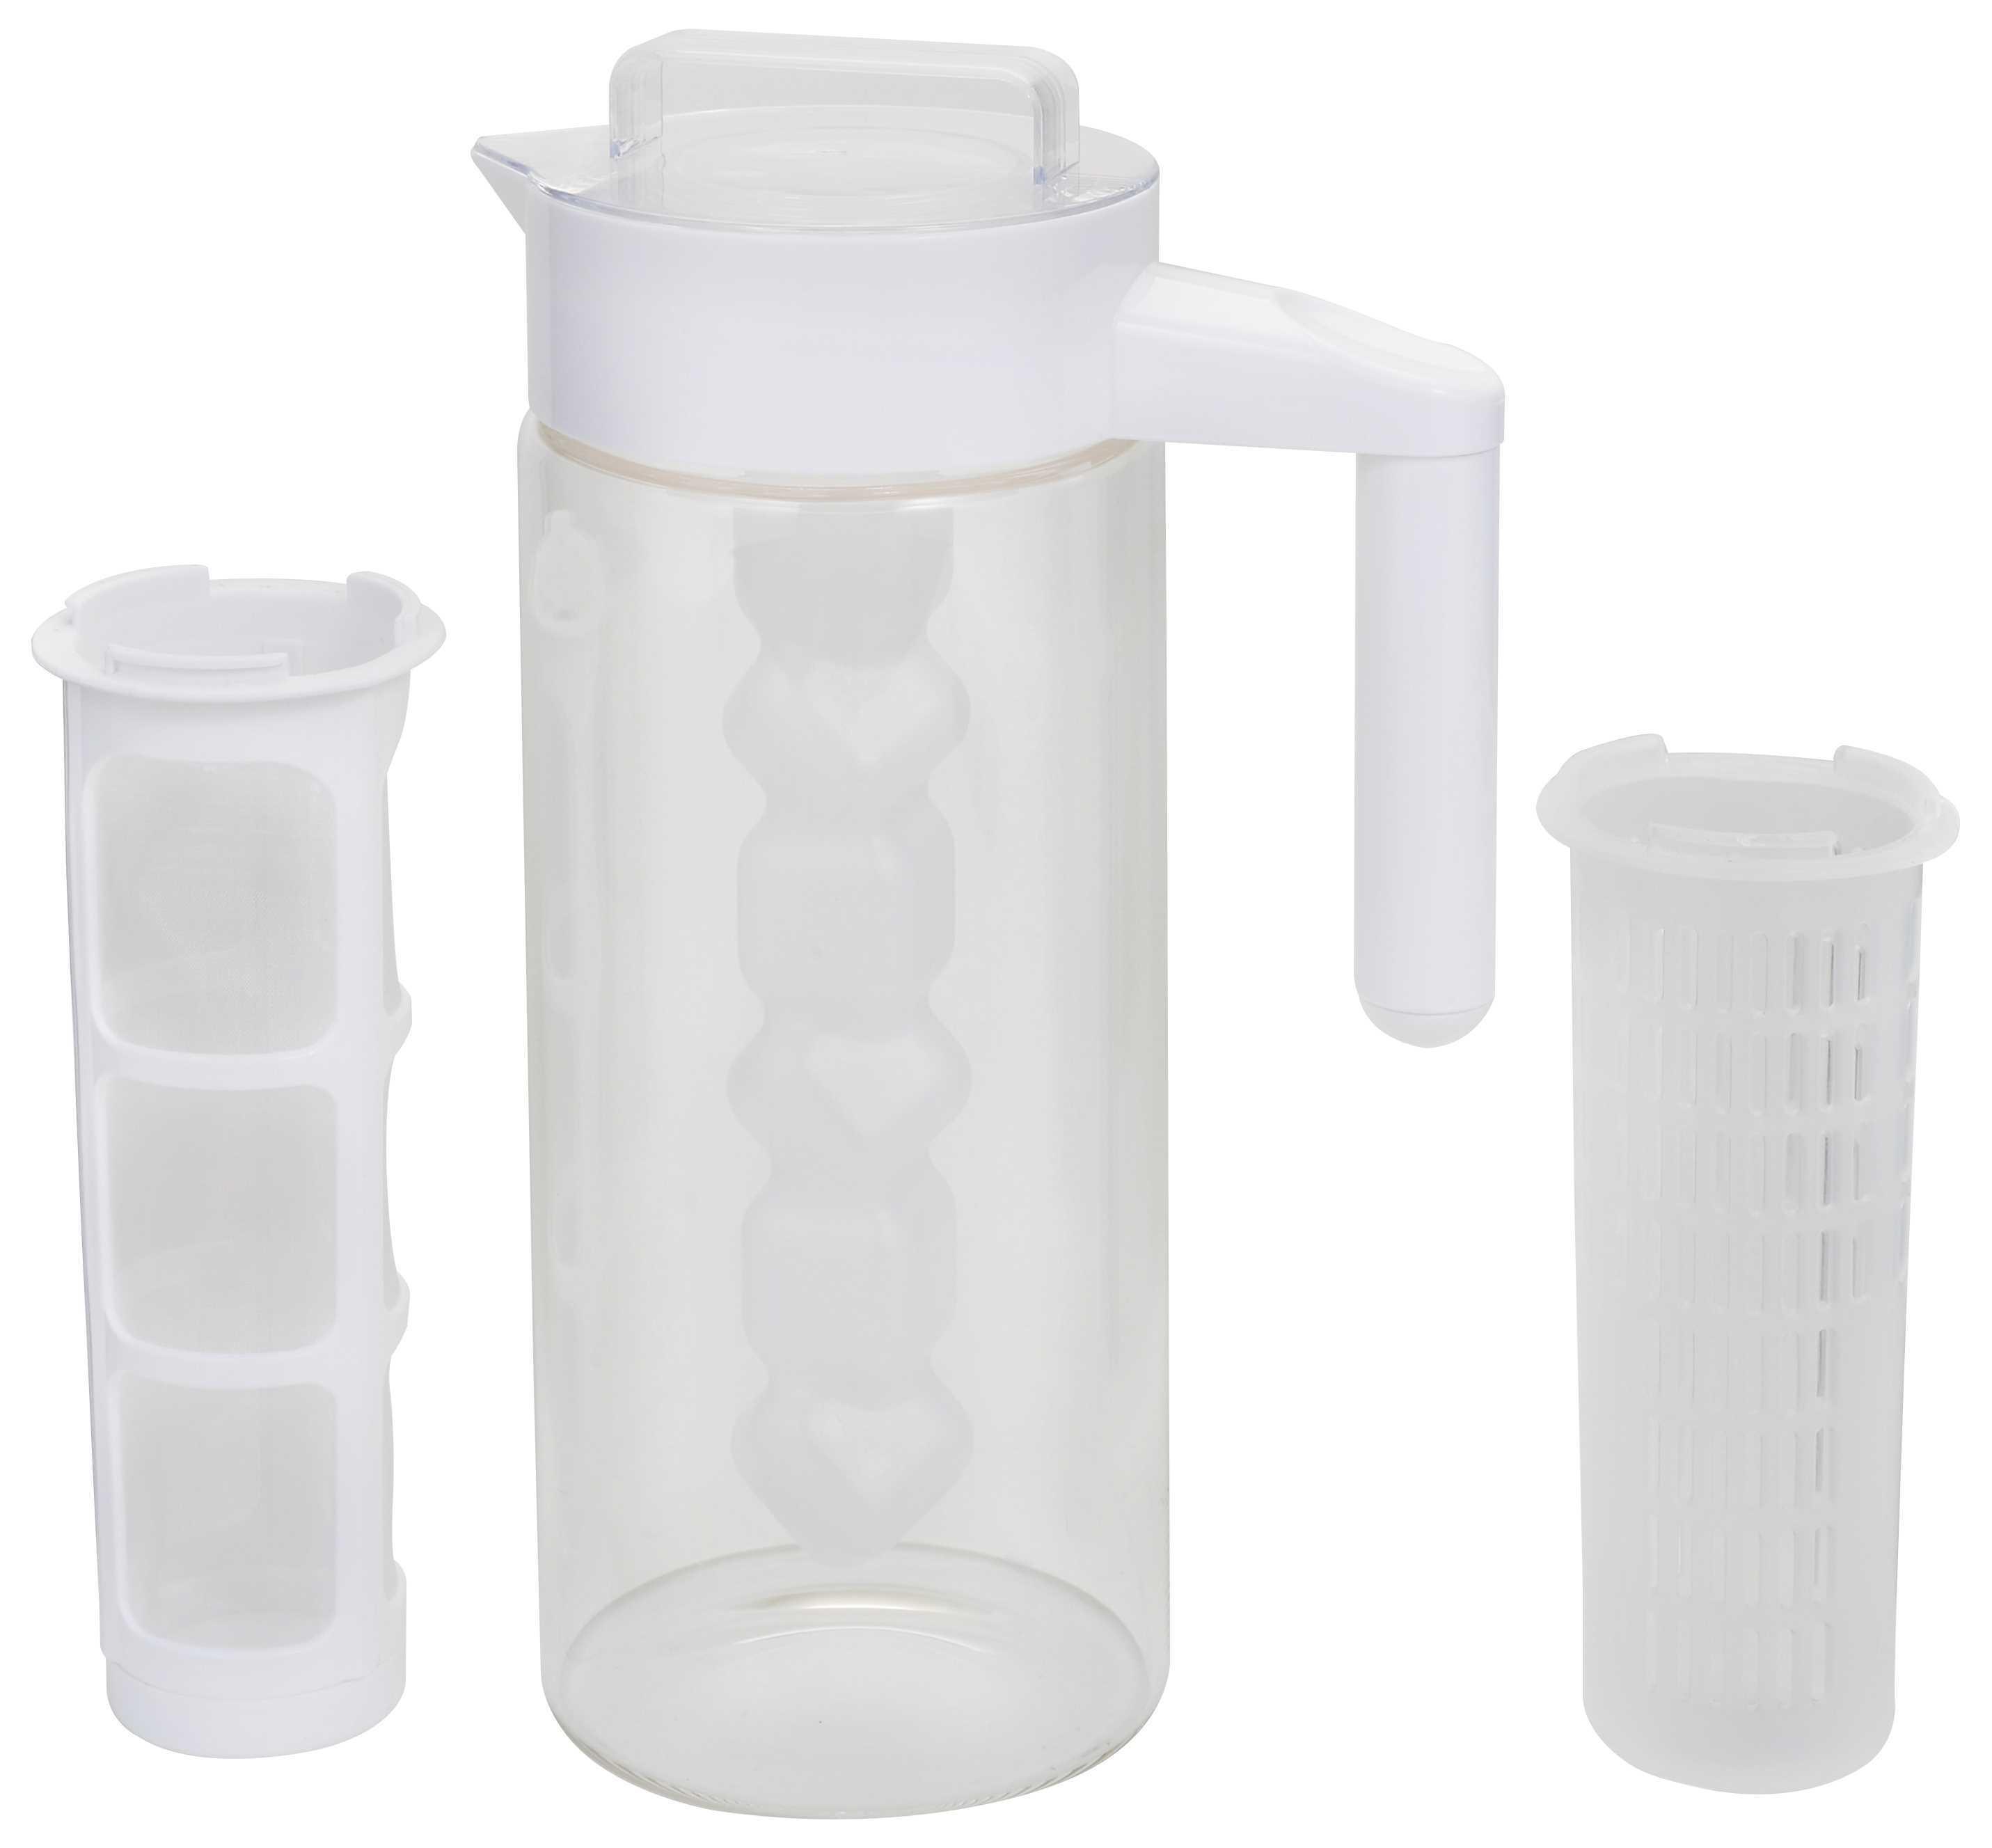 多用途耐熱玻璃冷水瓶1.3公升(白色)